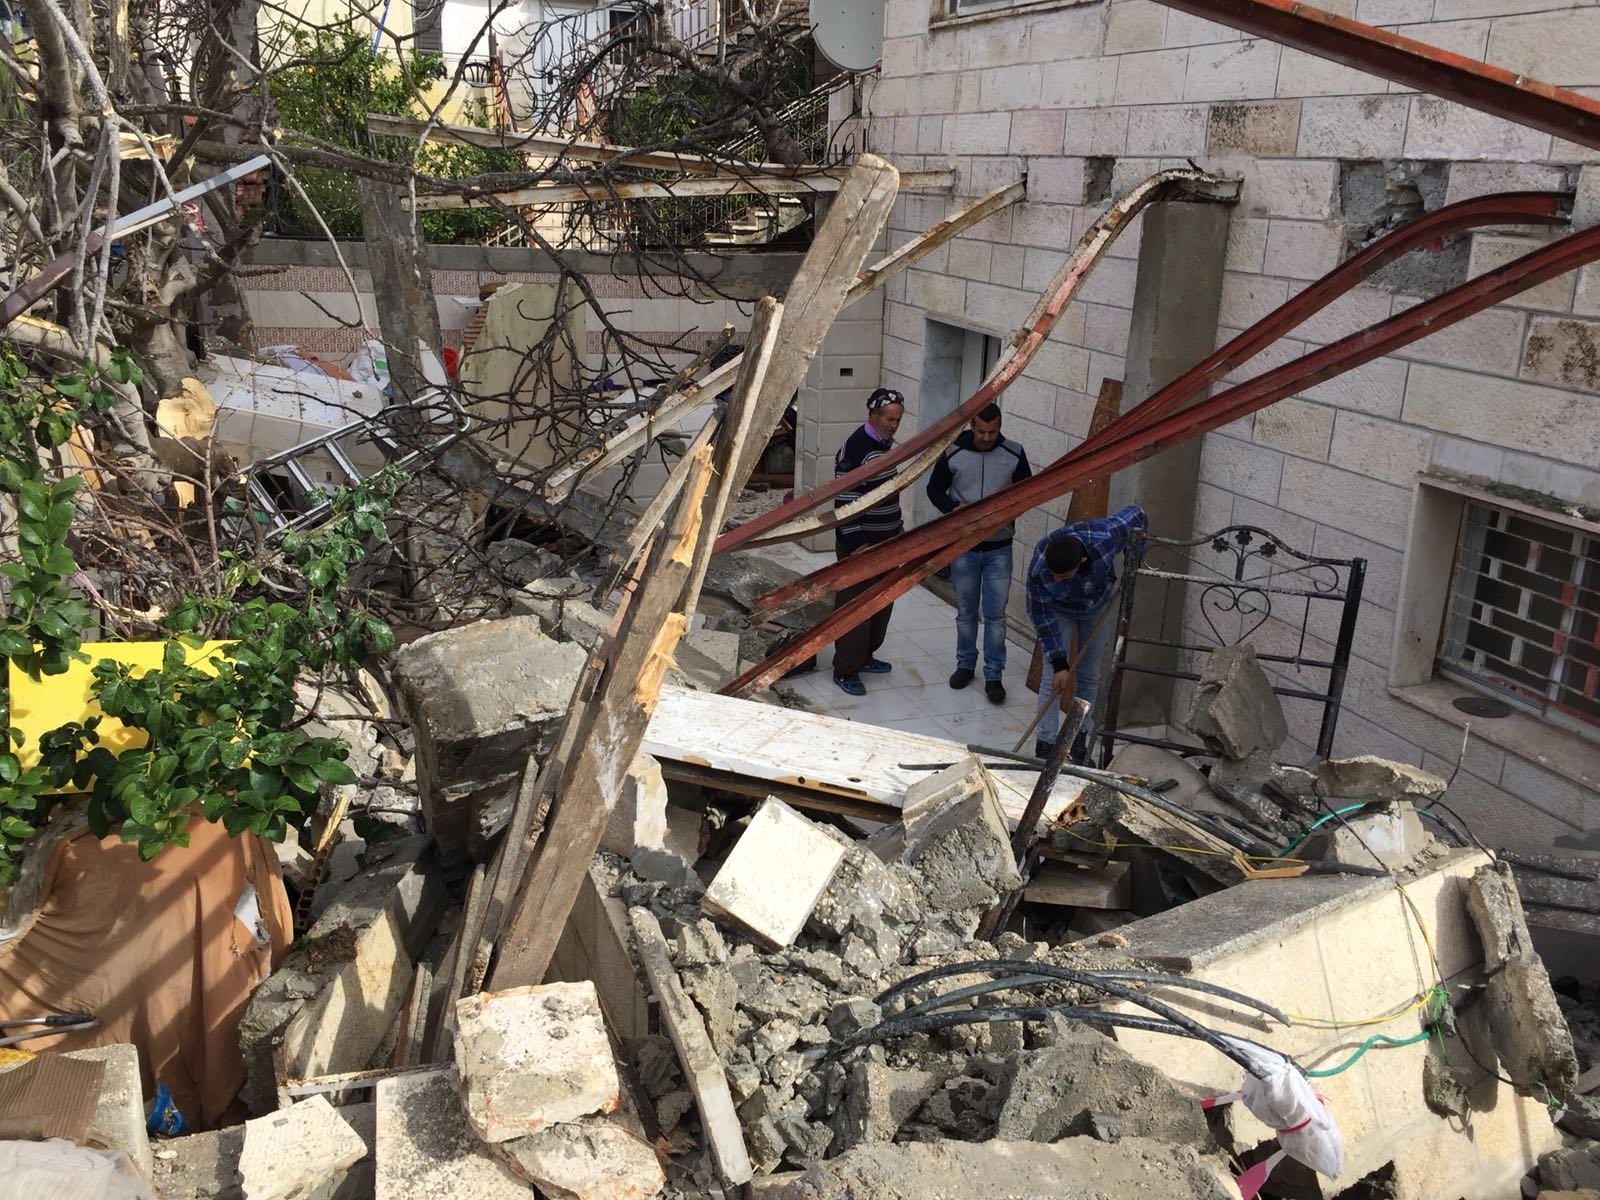 القدس: هدم جزء من منزل ببيت حنينا بحجة عدم الترخيص